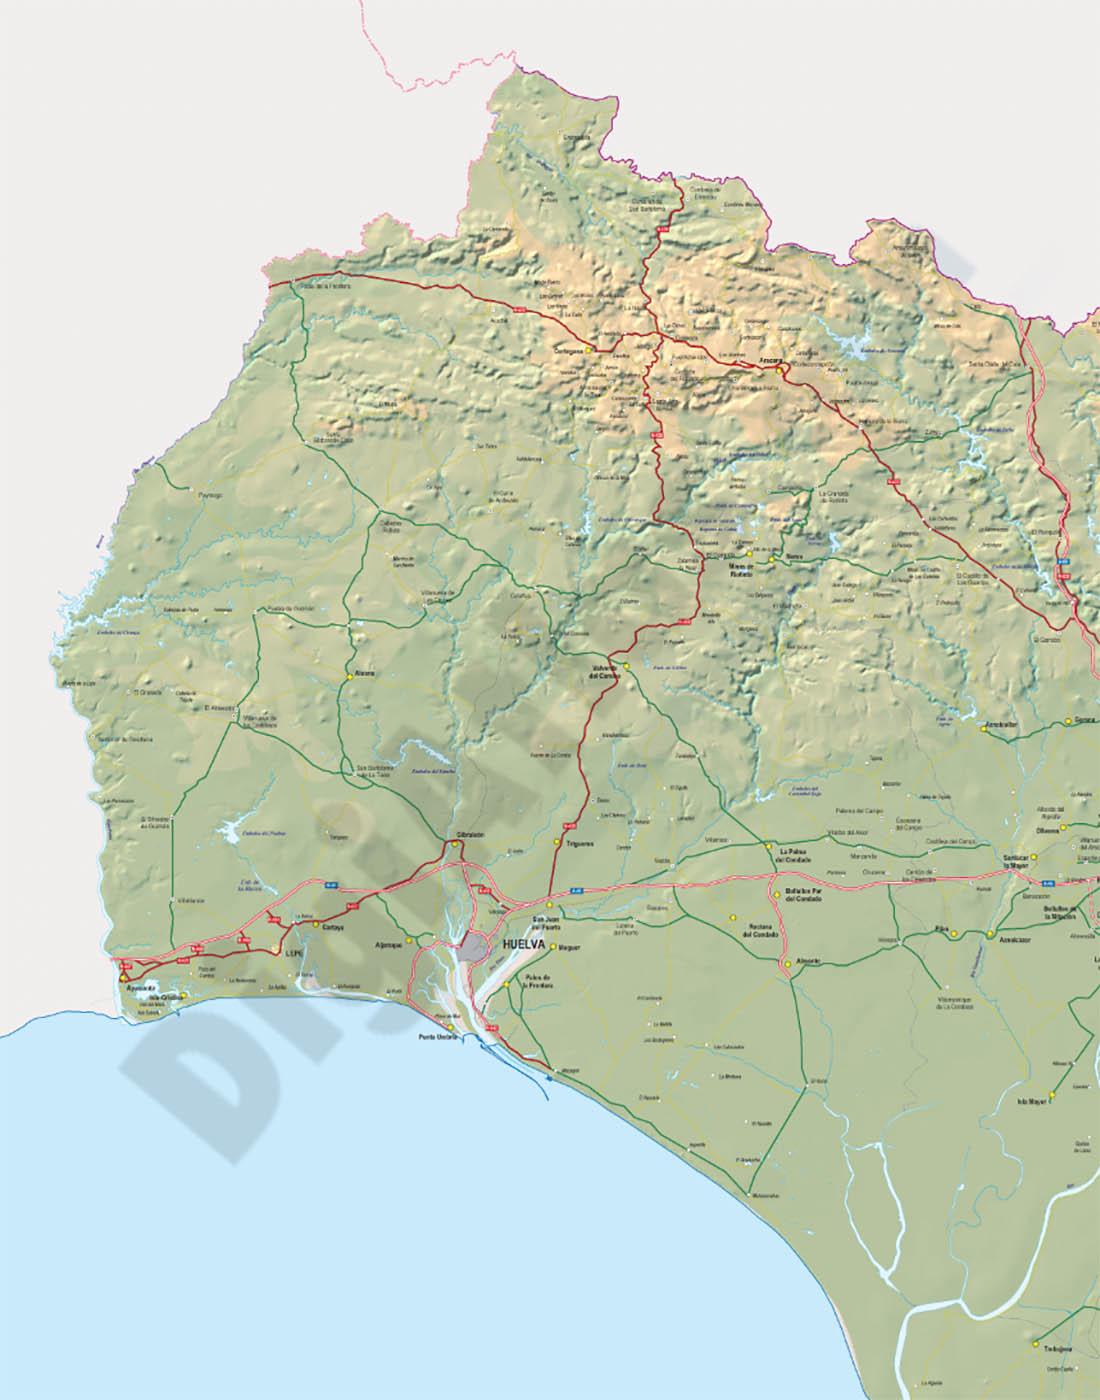 Mapa de la provincia de Huelva